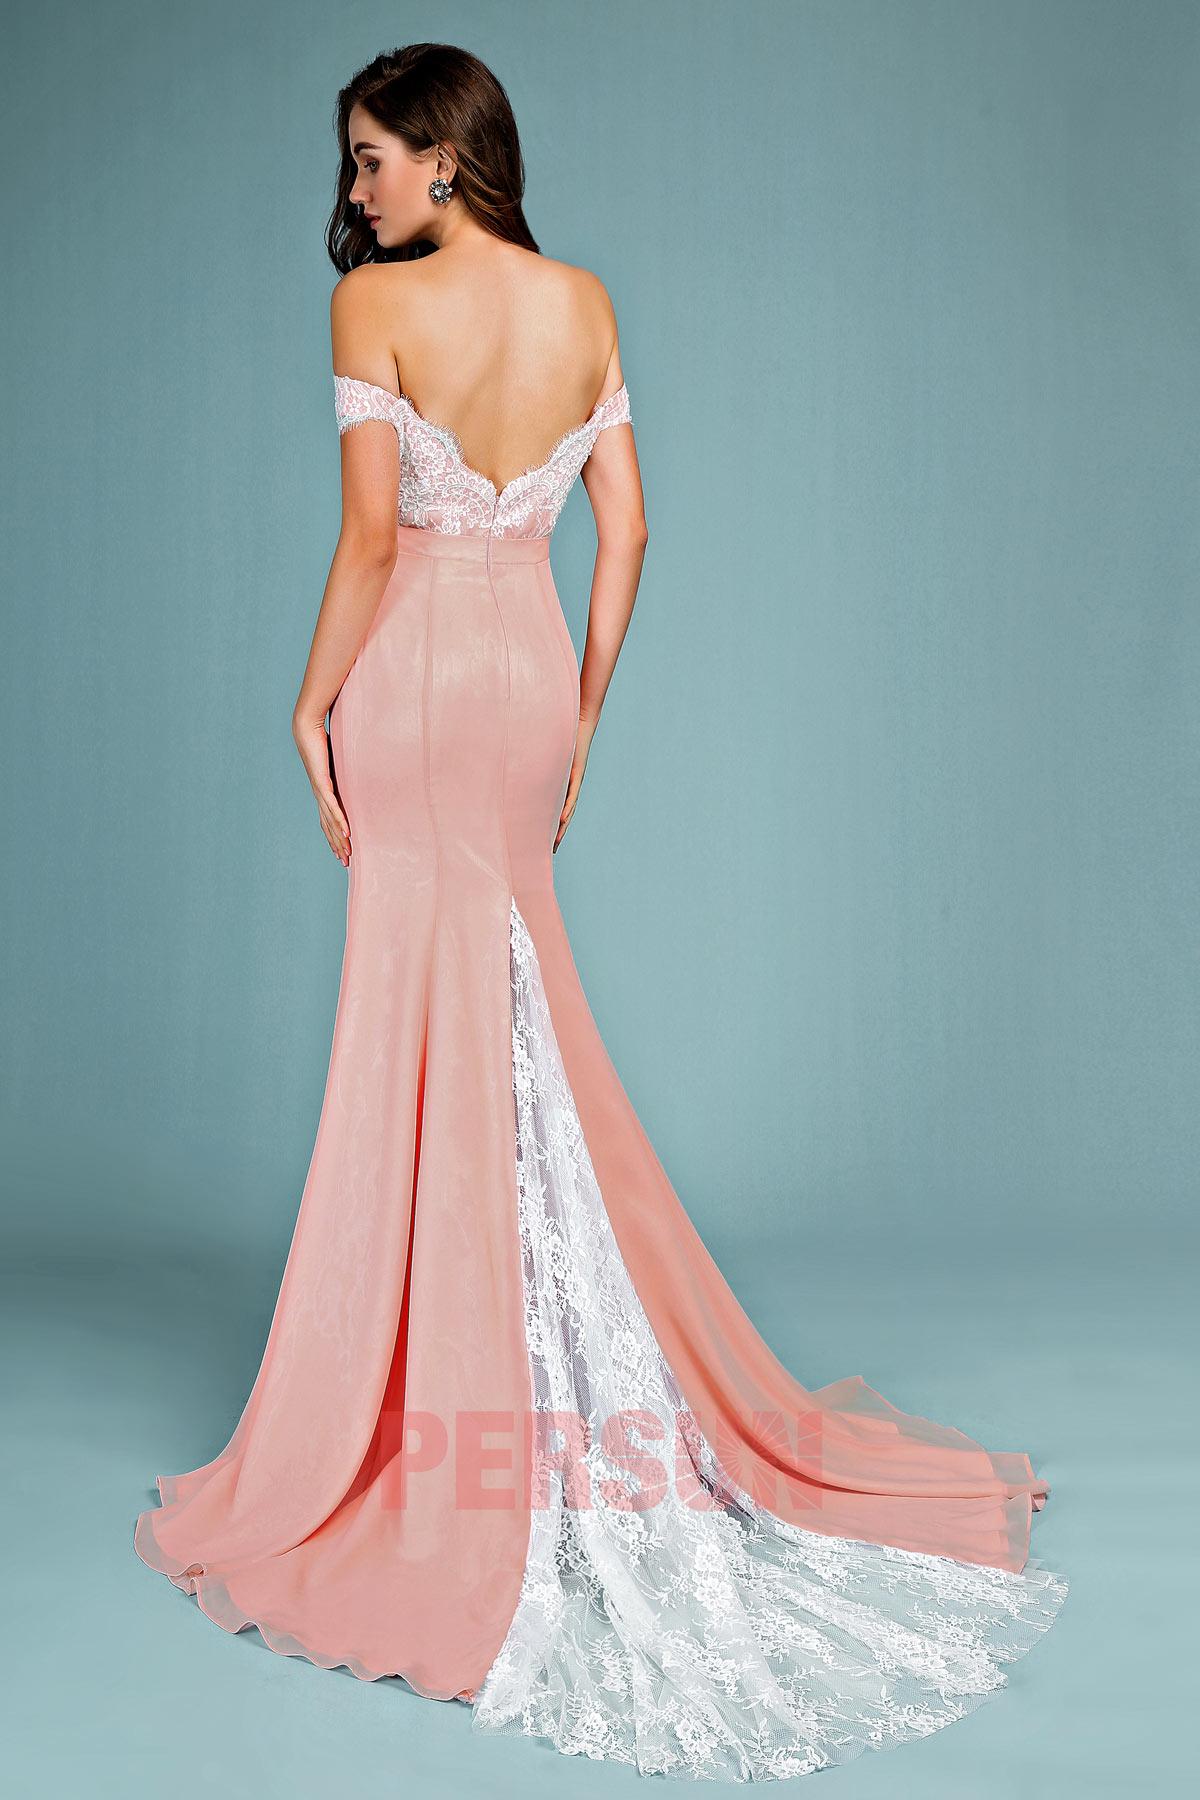 Robe de soirée sirène mousseline vieux rose dos échancré appliqué de dentelle coton